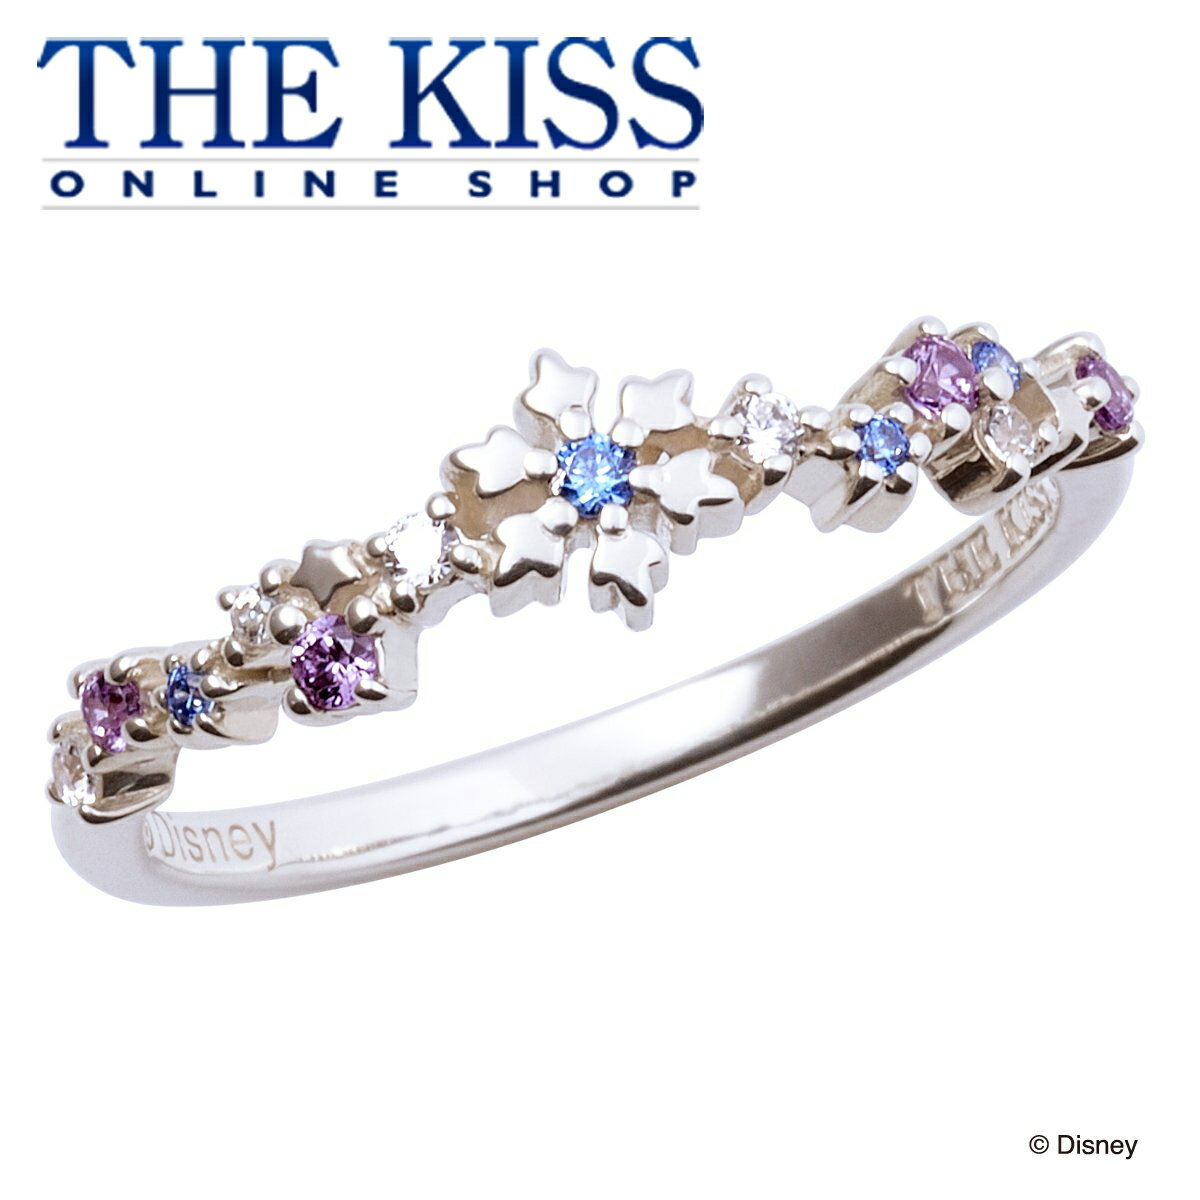 【あす楽対応】【ディズニーコレクション】 ディズニー / レディースリング / アナと雪の女王 / THE KISS リング・指輪 シルバー キュービックジルコニア (レディース) DI-SR2910CB ザキス 【送料無料】【Disneyzone】